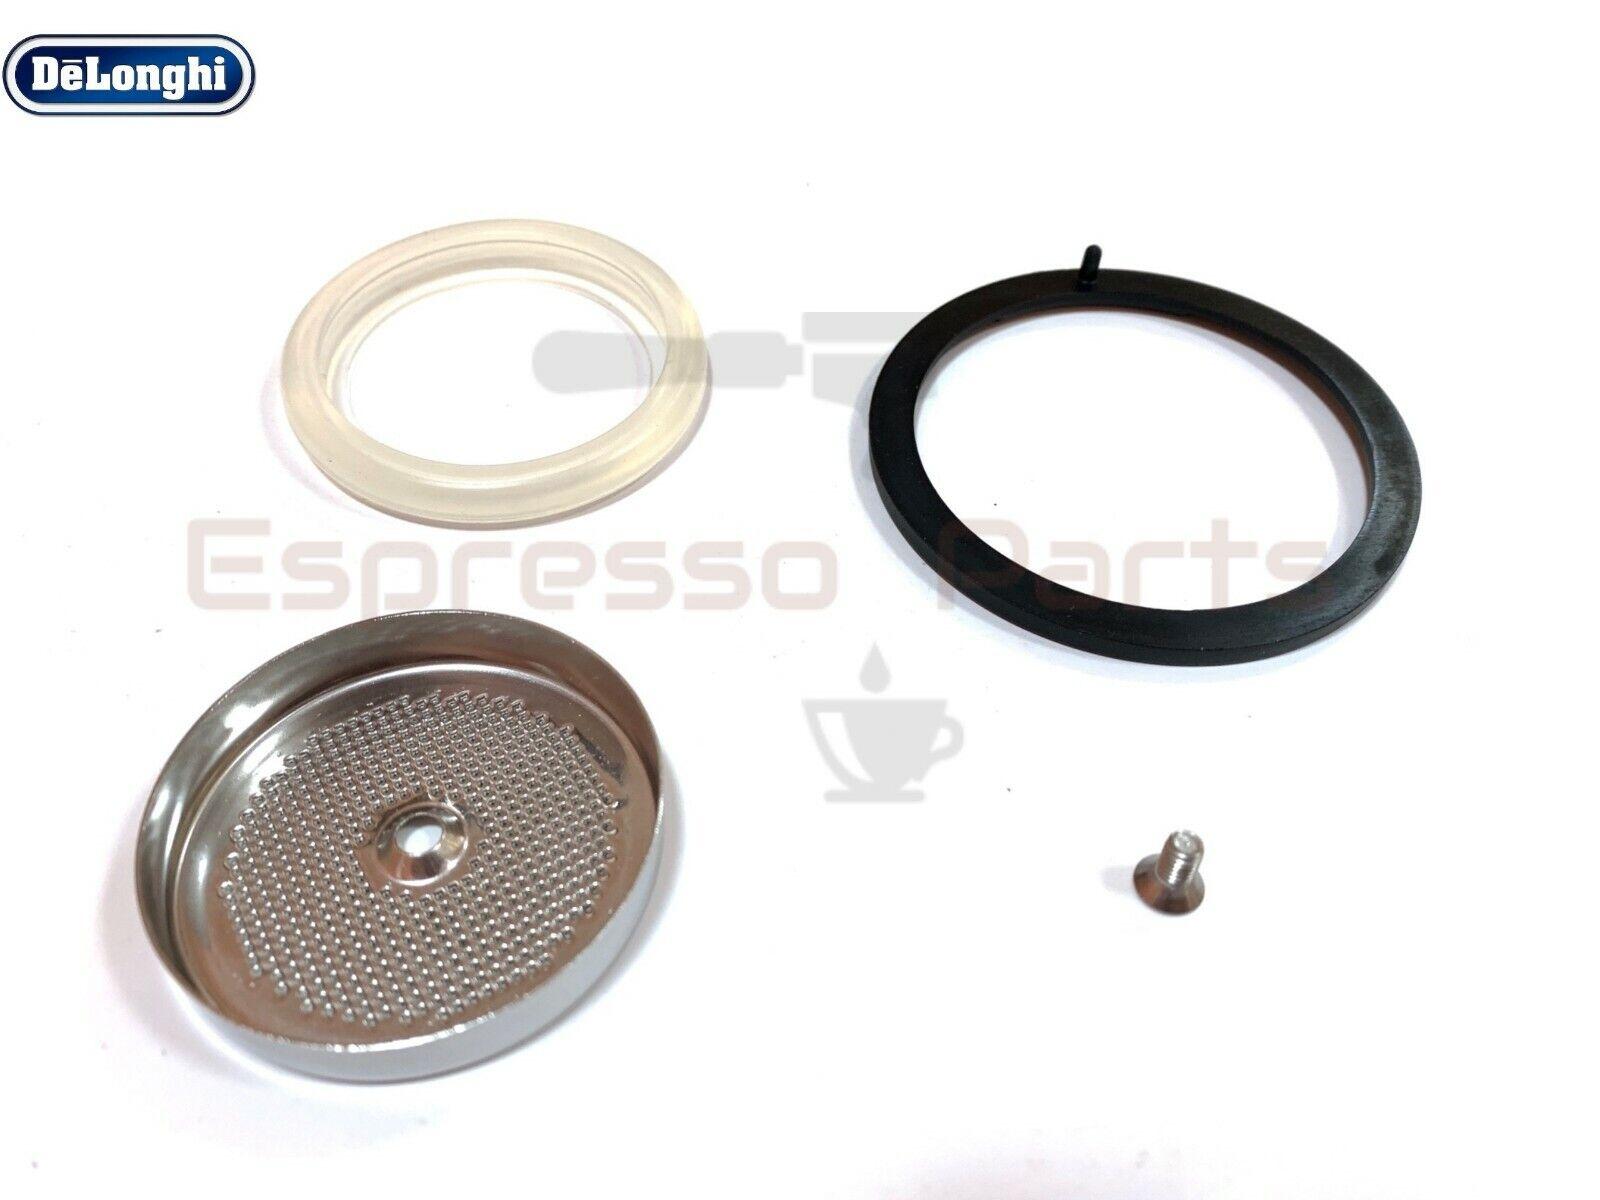 DeLonghi Dedica EC680 EC820 EC860 Group Head Kit -  4 piece